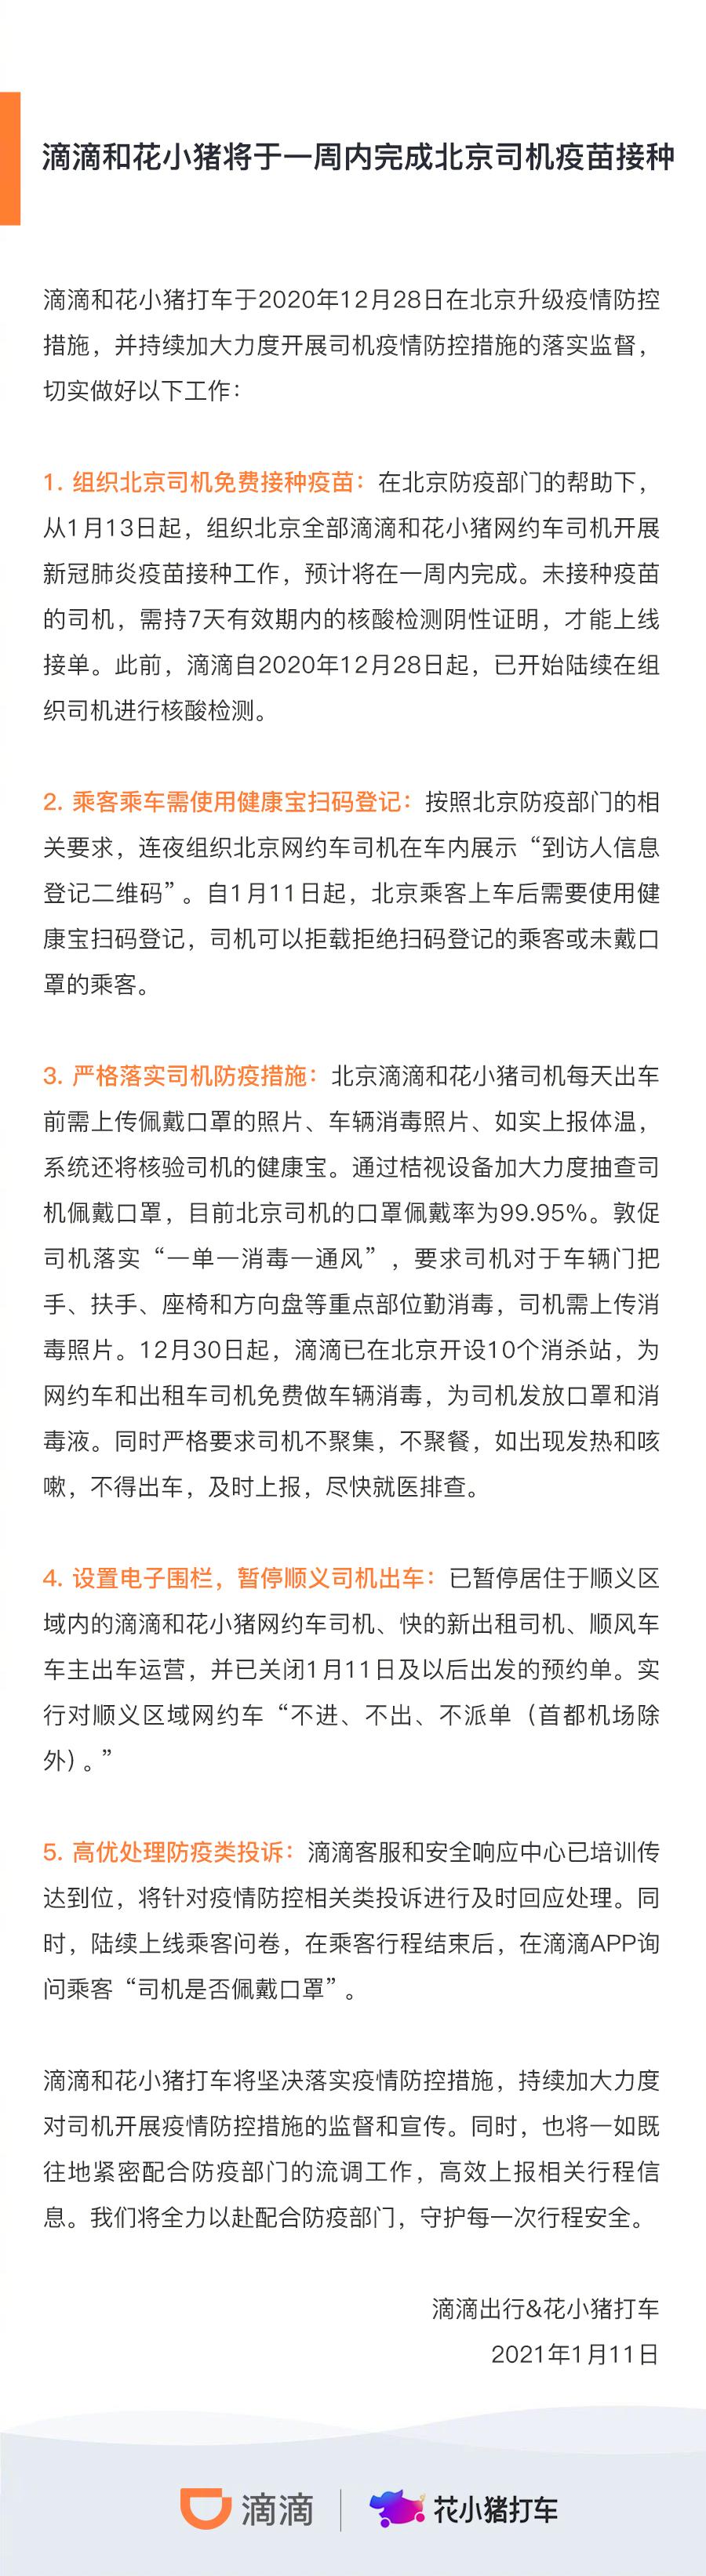 滴滴出行:滴滴和花小猪将于一周内完成北京司机疫苗接种-玩懂手机网 - 玩懂手机第一手的手机资讯网(www.wdshouji.com)